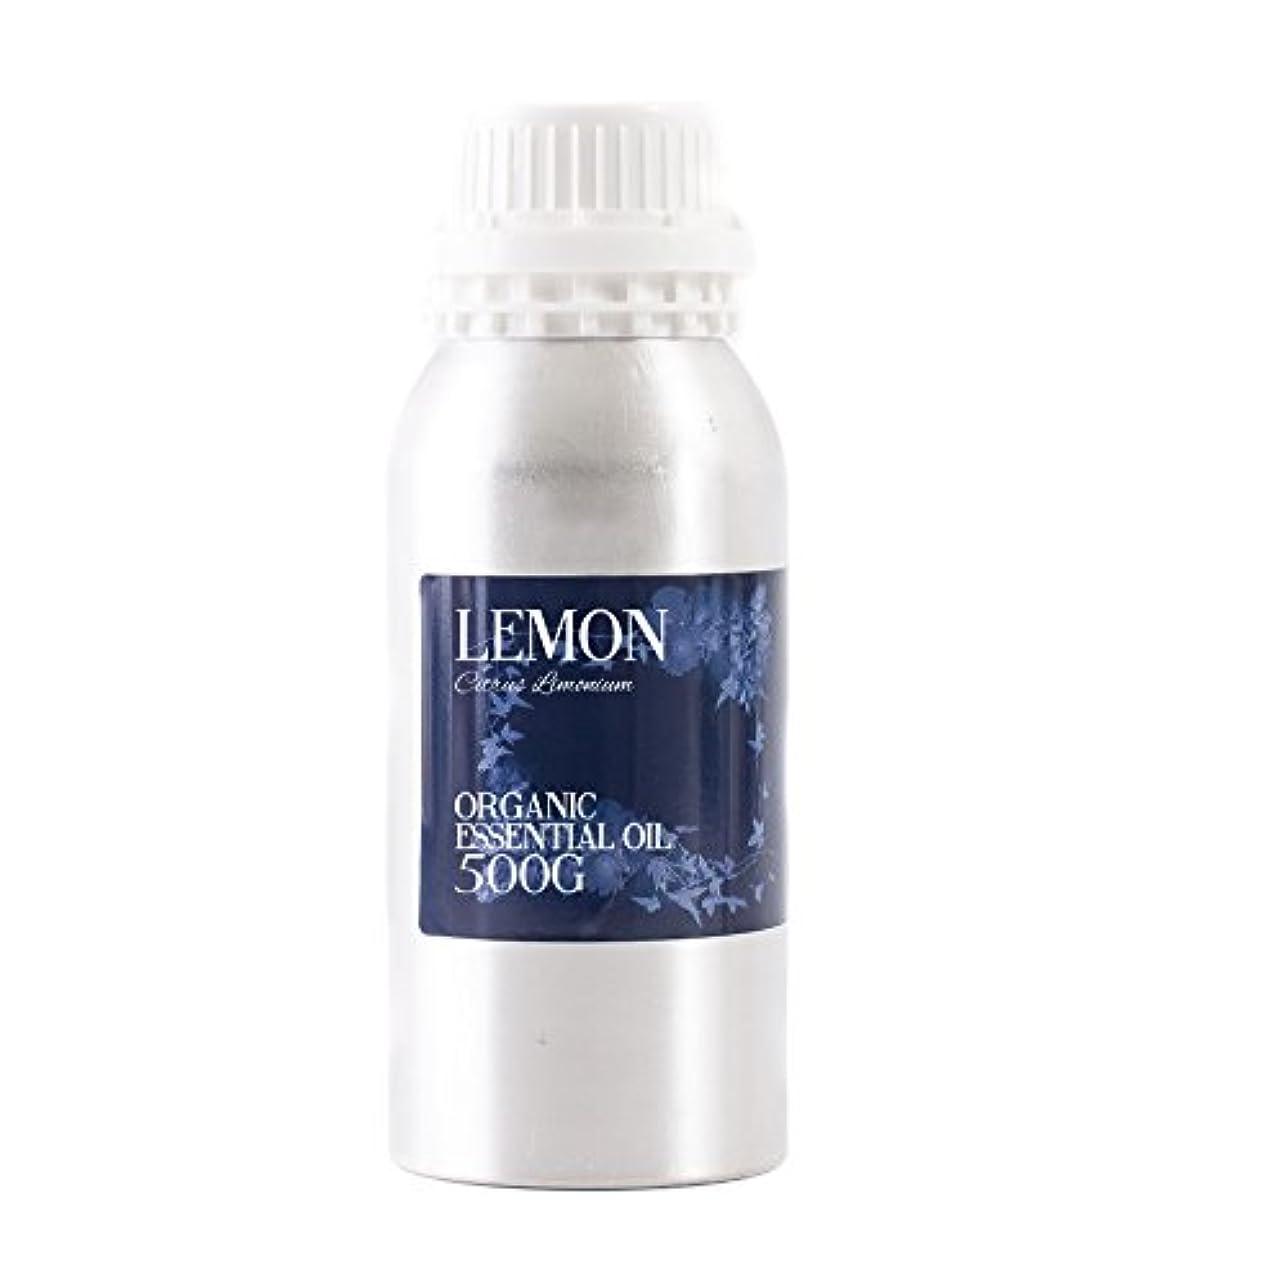 こねる明快推進力Mystic Moments | Lemon Organic Essential Oil - 500g - 100% Pure